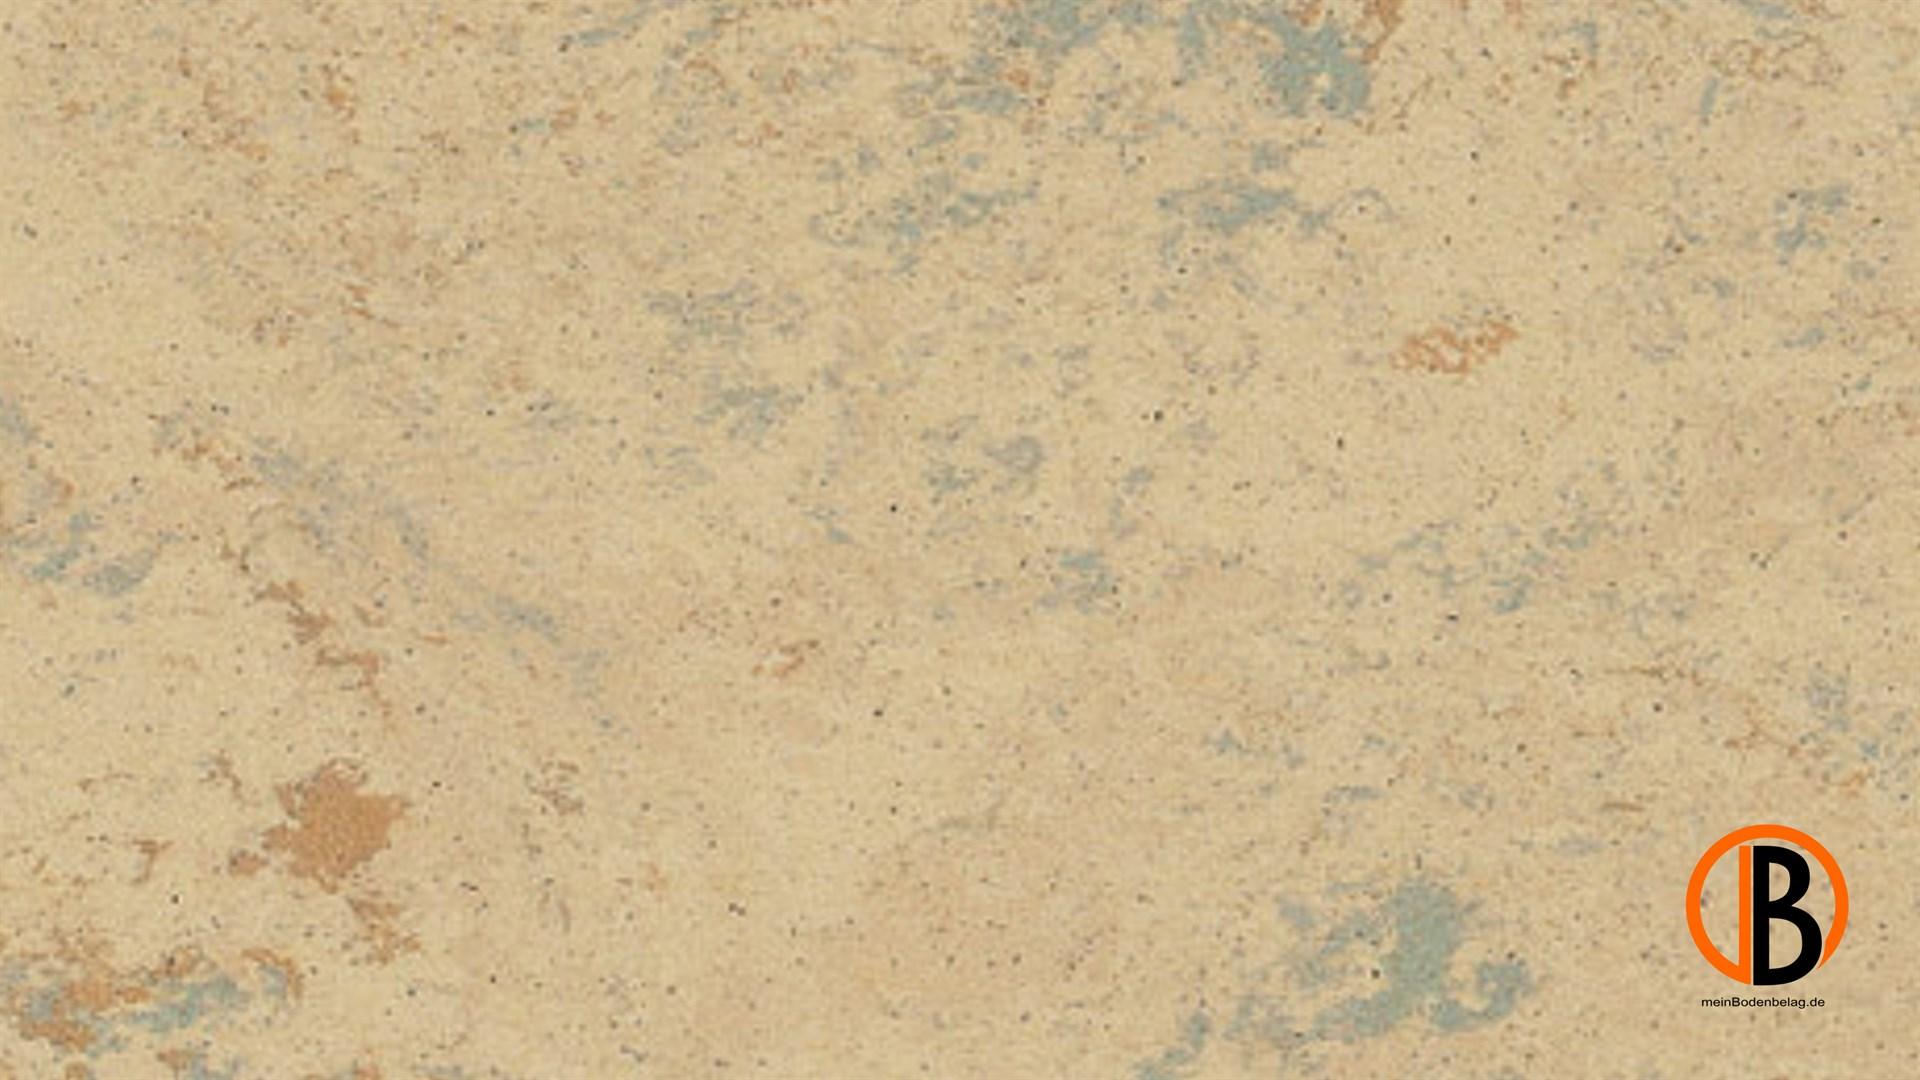 CINQUE KWG LINOLEUM-FERTIGPARKETT PICOLINO | 10000406;0 | Bild 1